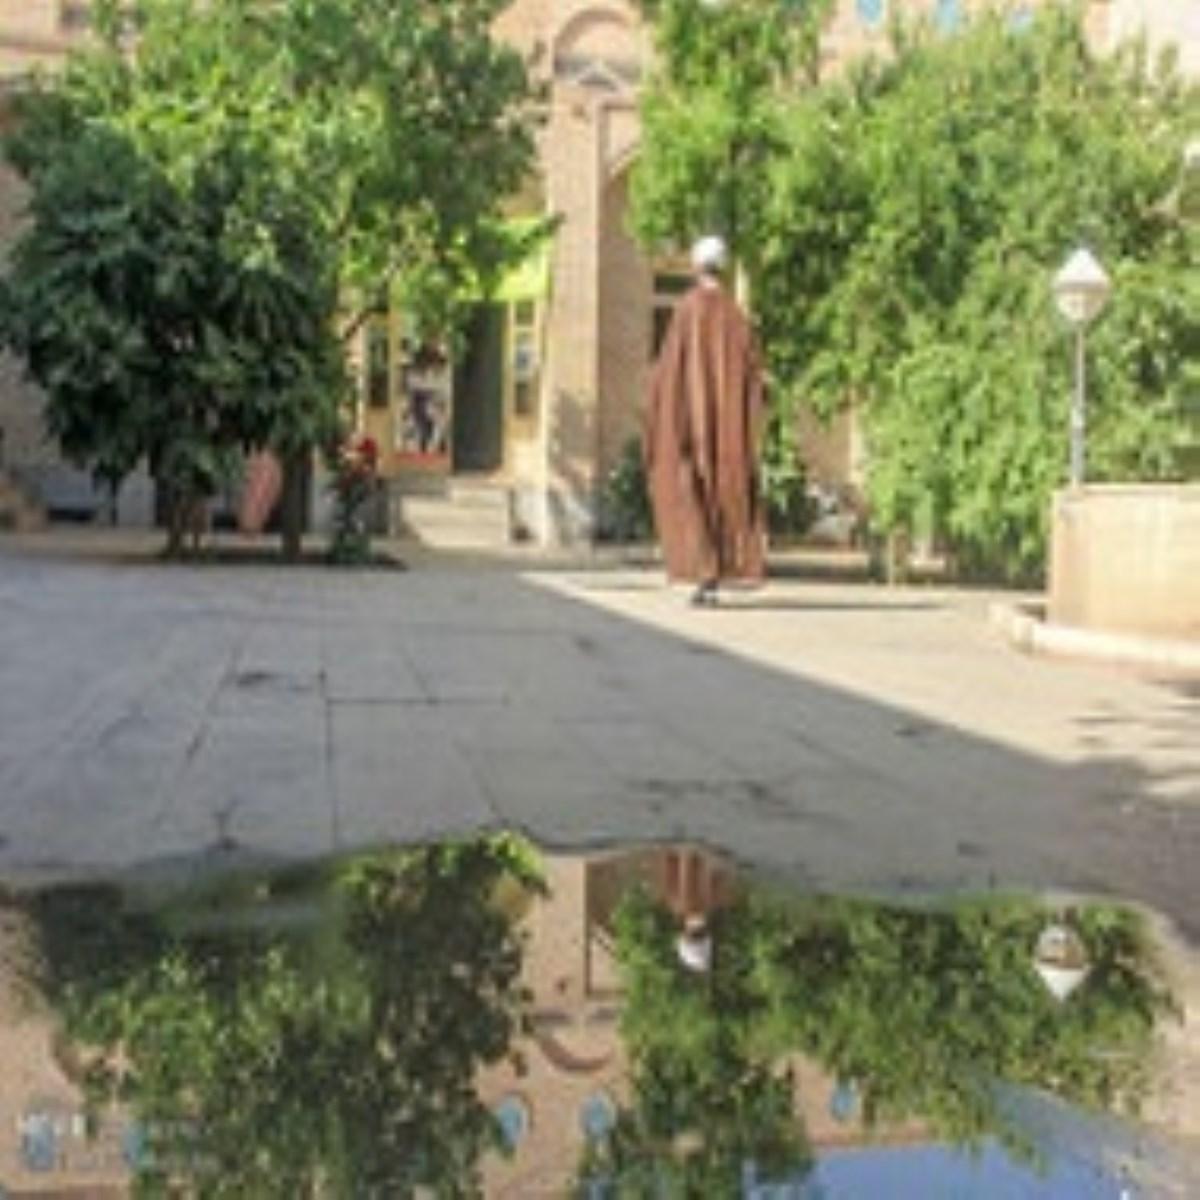 طلبهای که شهریهاش را به ایتام میداد +عکس